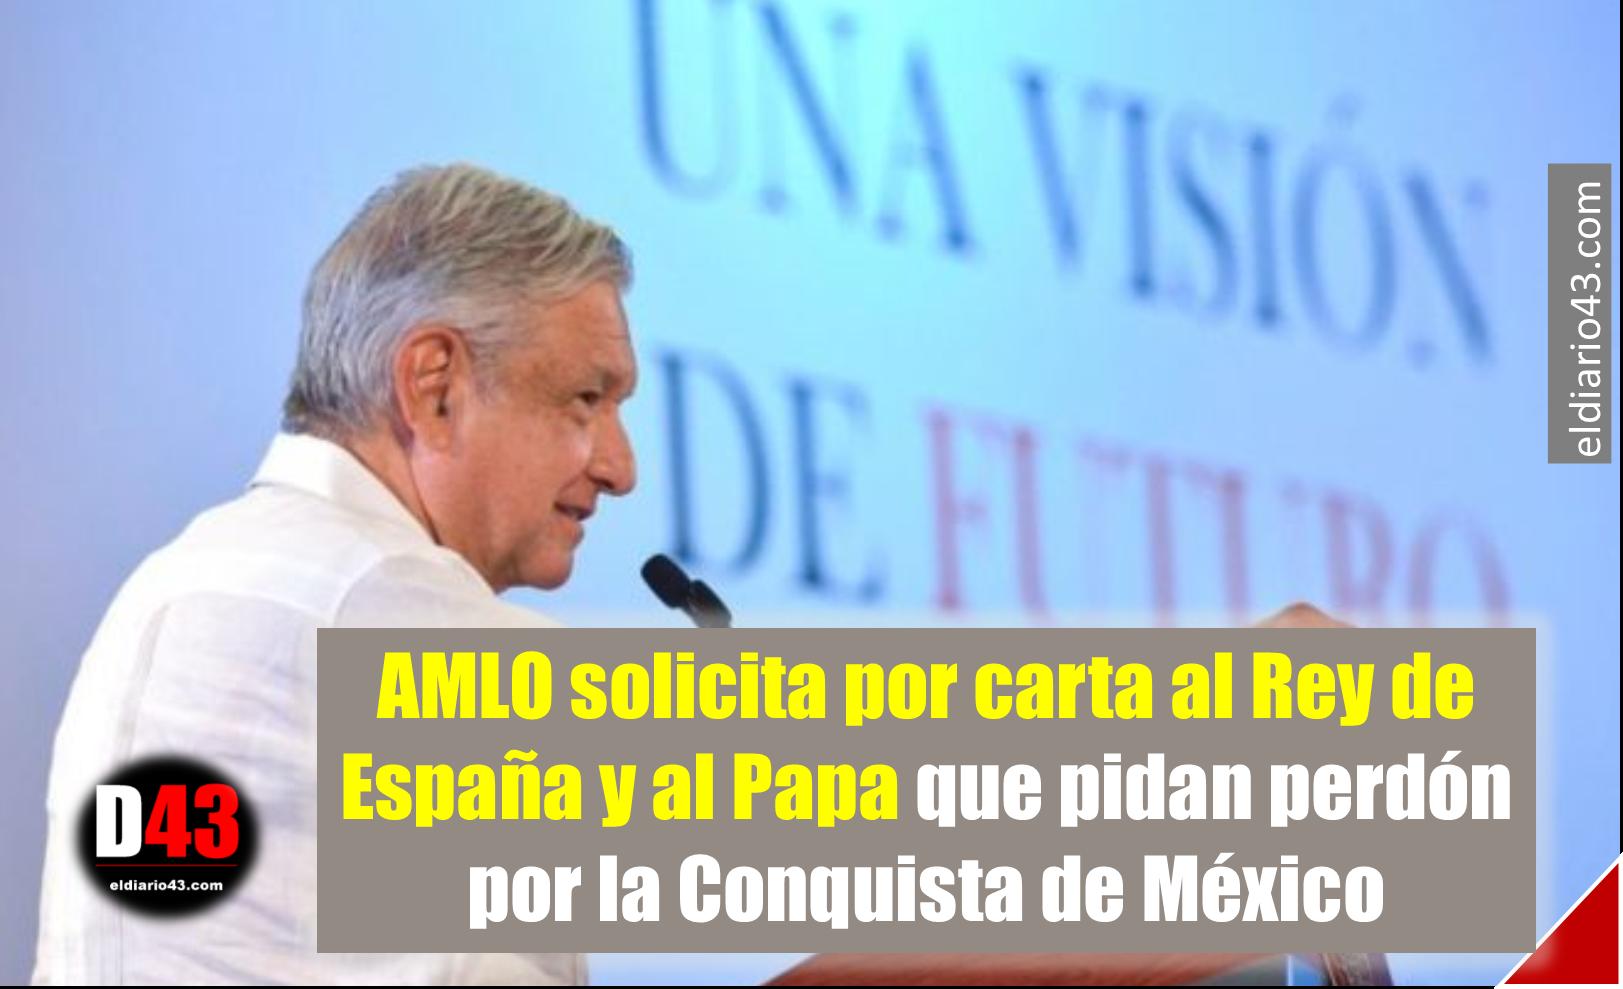 AMLO solicita por carta al Rey de España y al Papa que pidan perdón por la Conquista de México